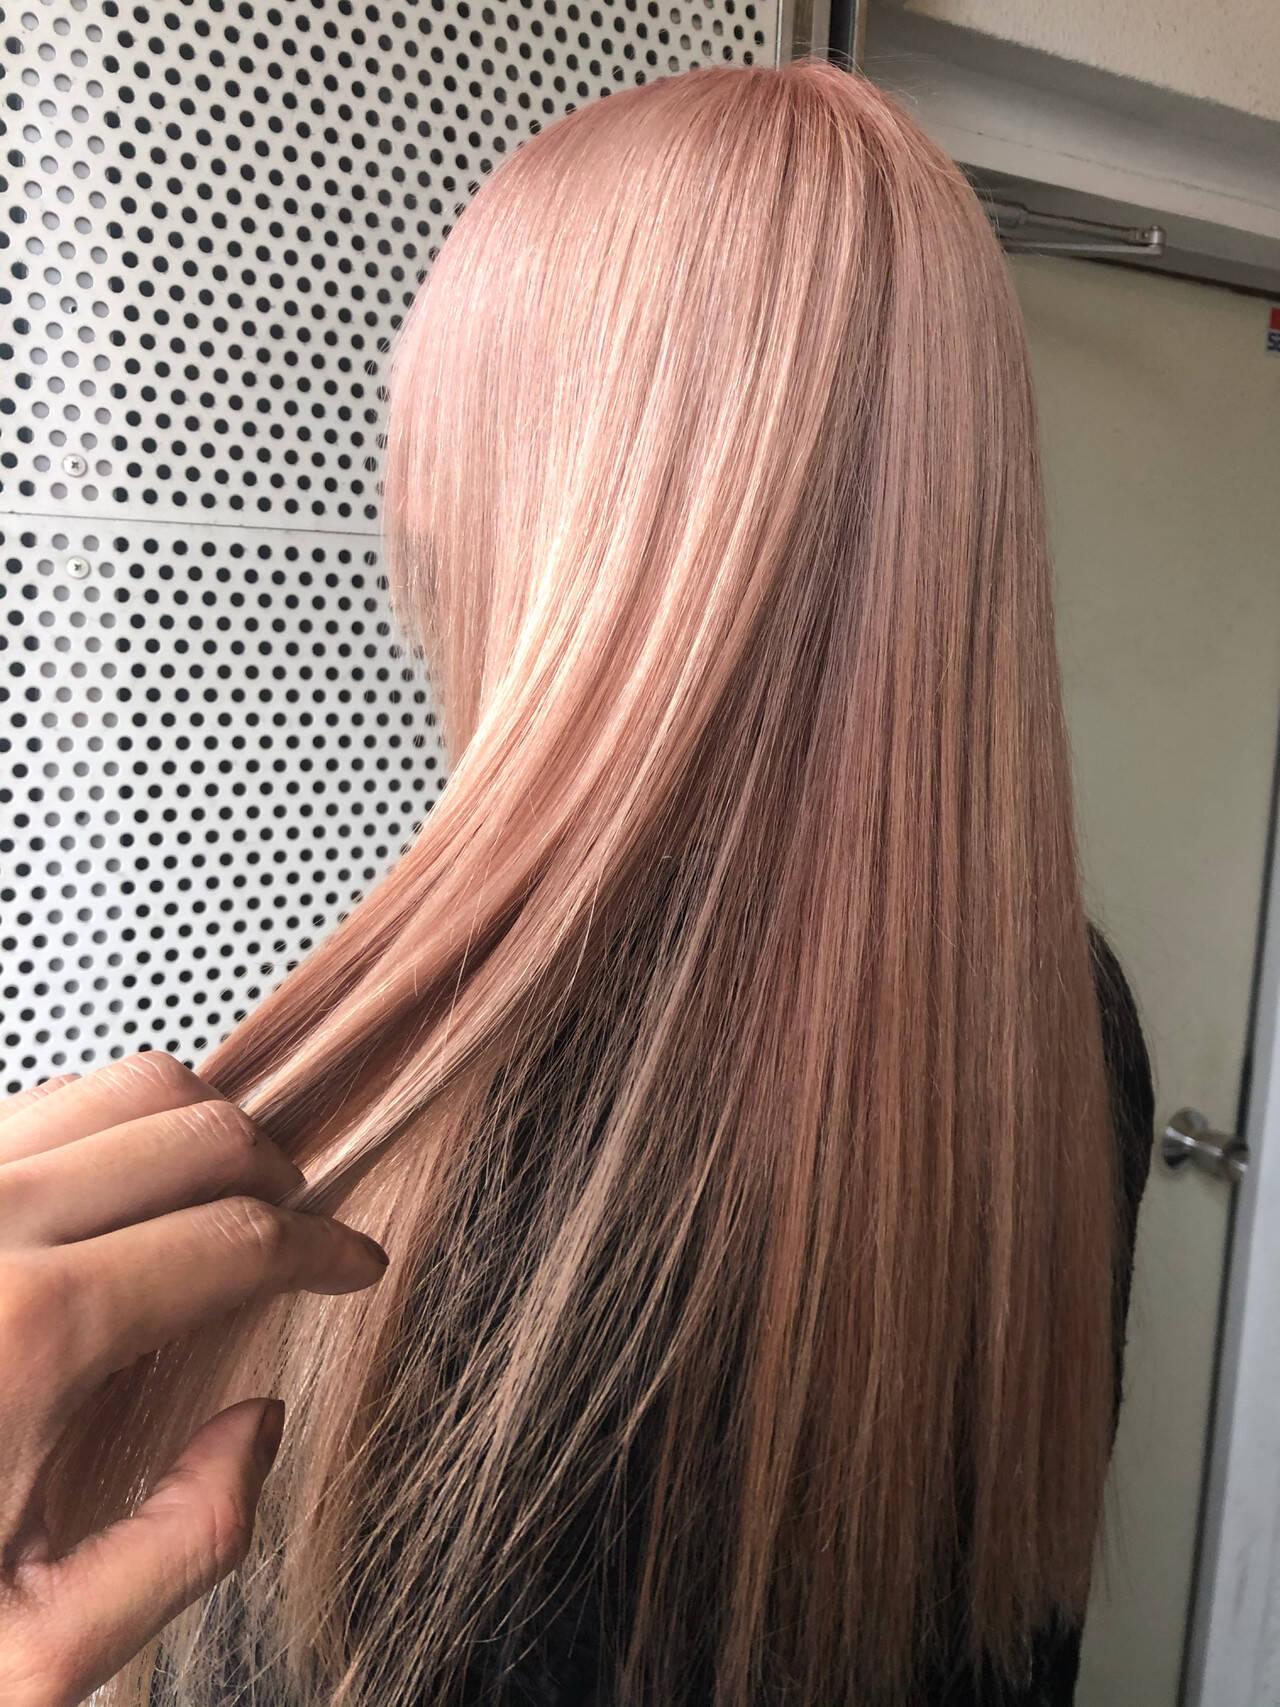 ピンクアッシュ ラベンダーピンク ピンク ロングヘアスタイルや髪型の写真・画像